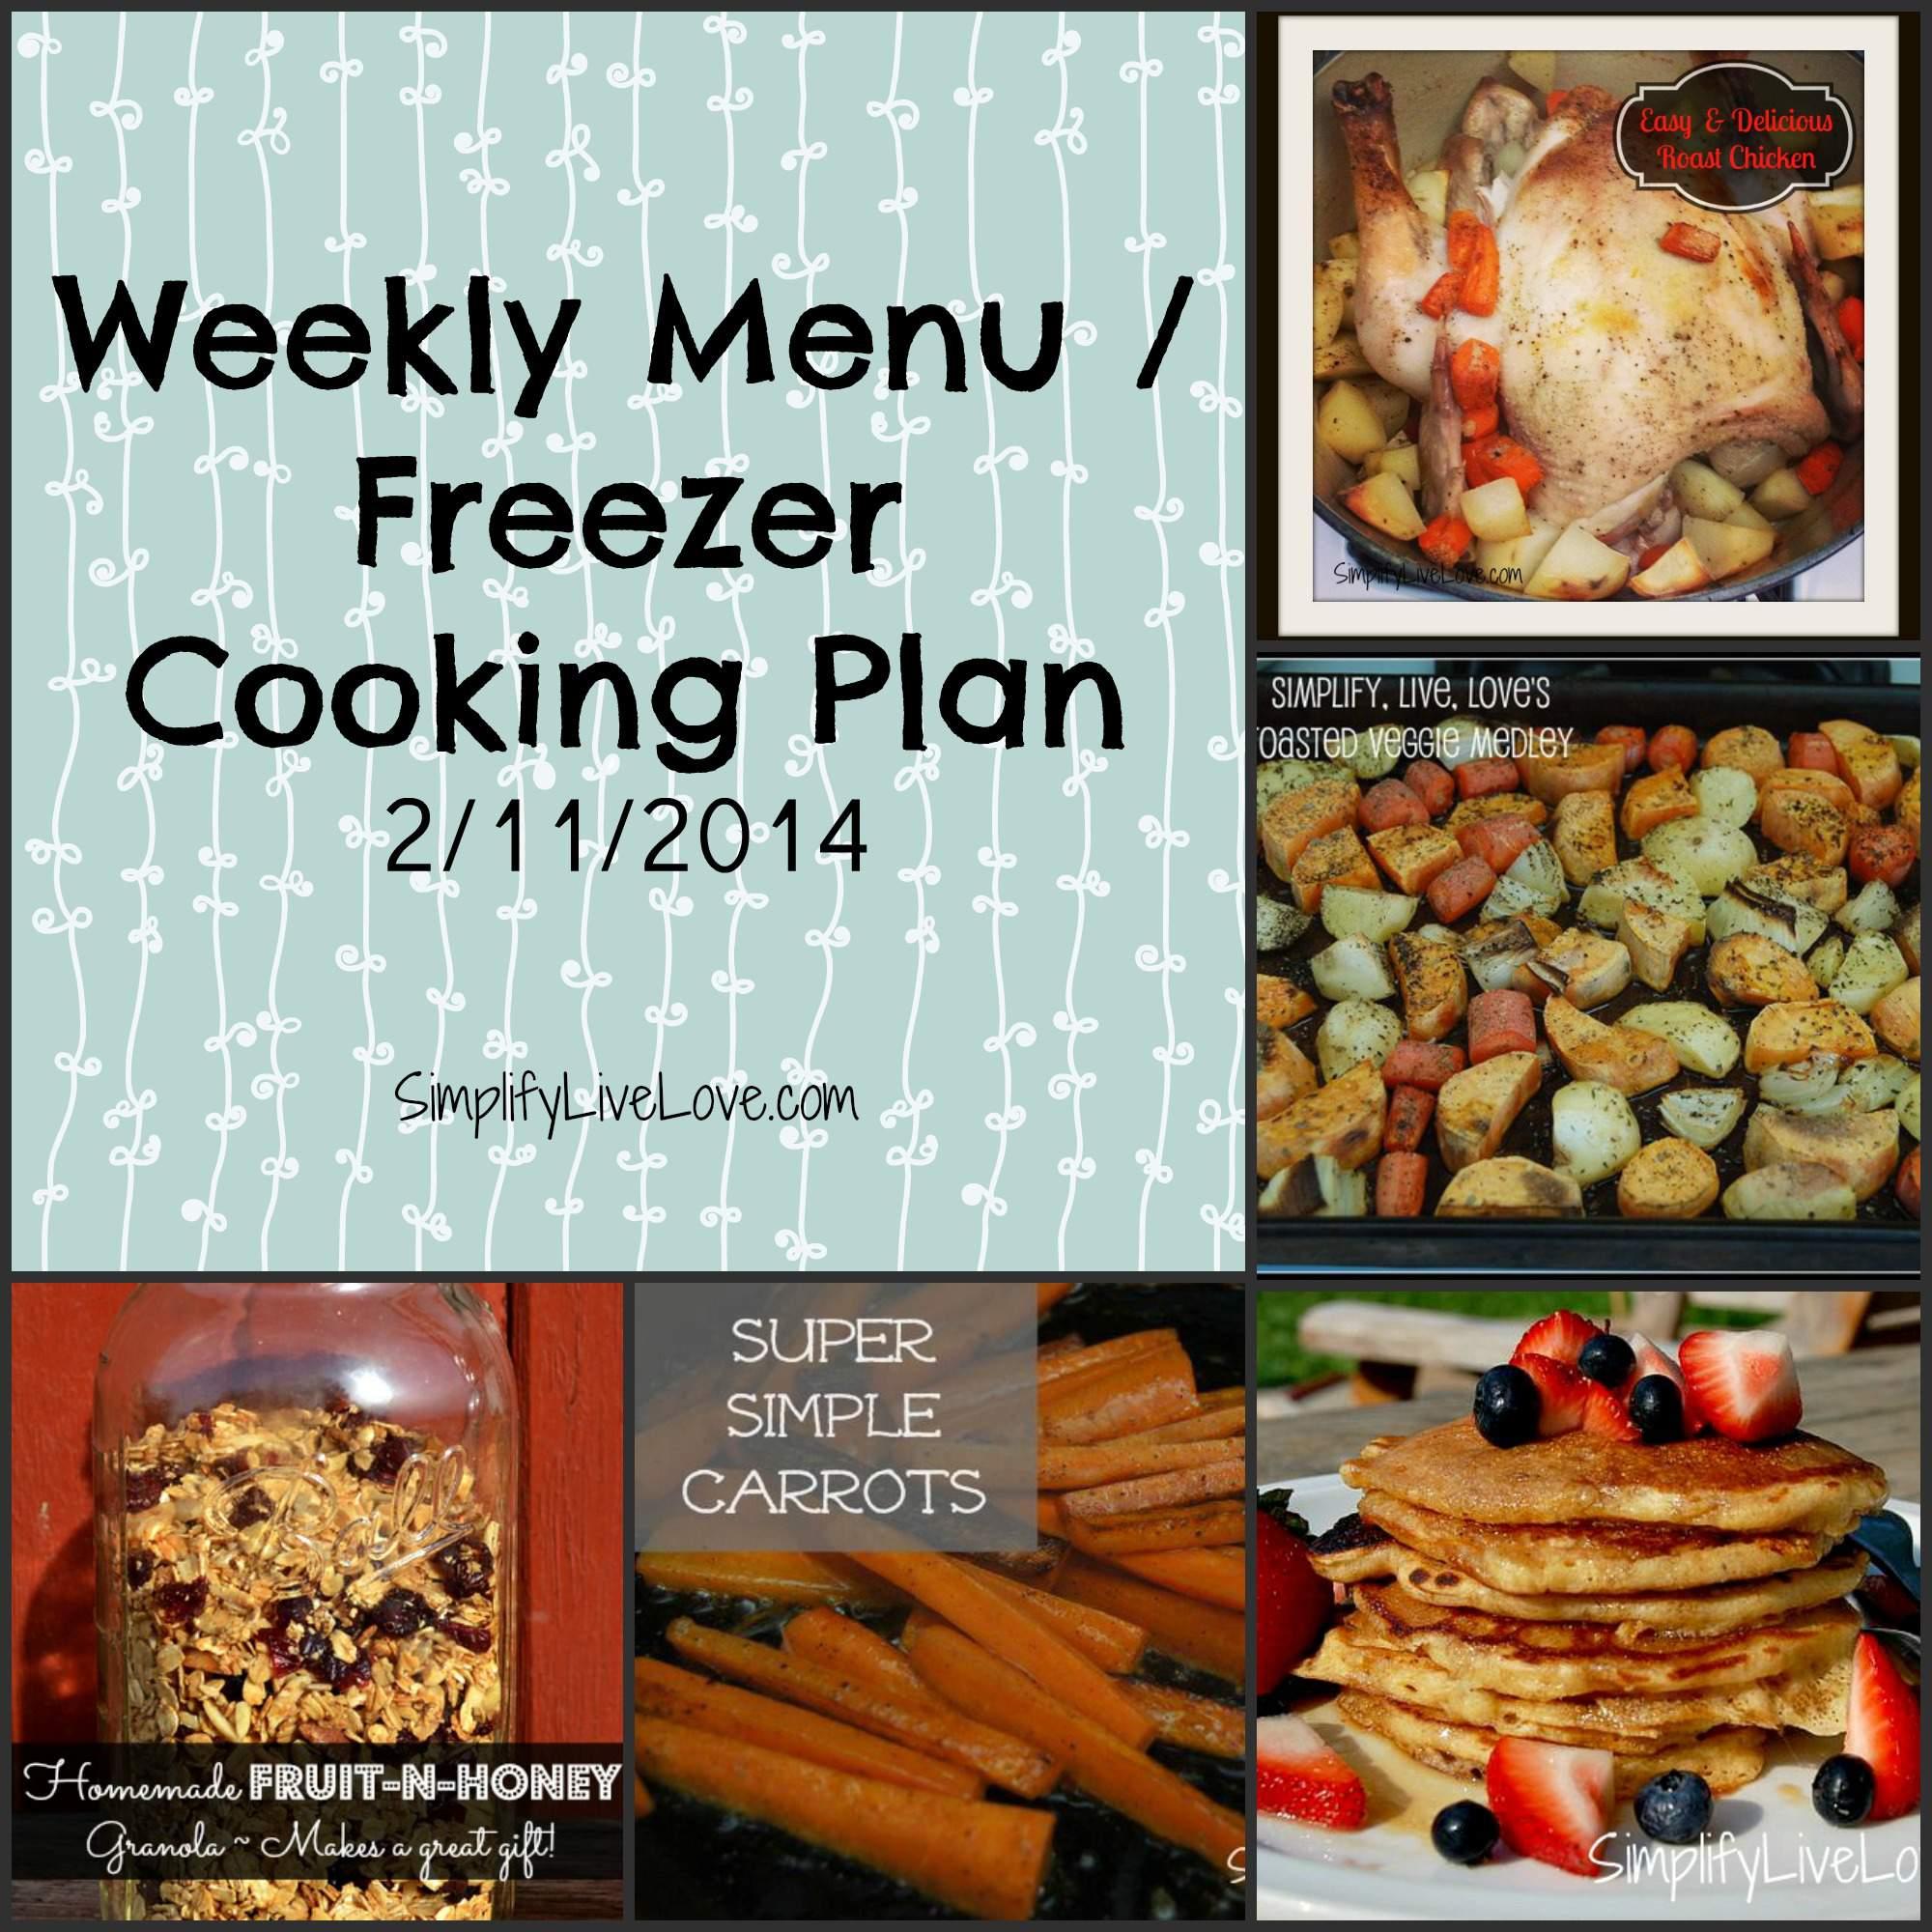 weekly menu freezer cooking plan feb